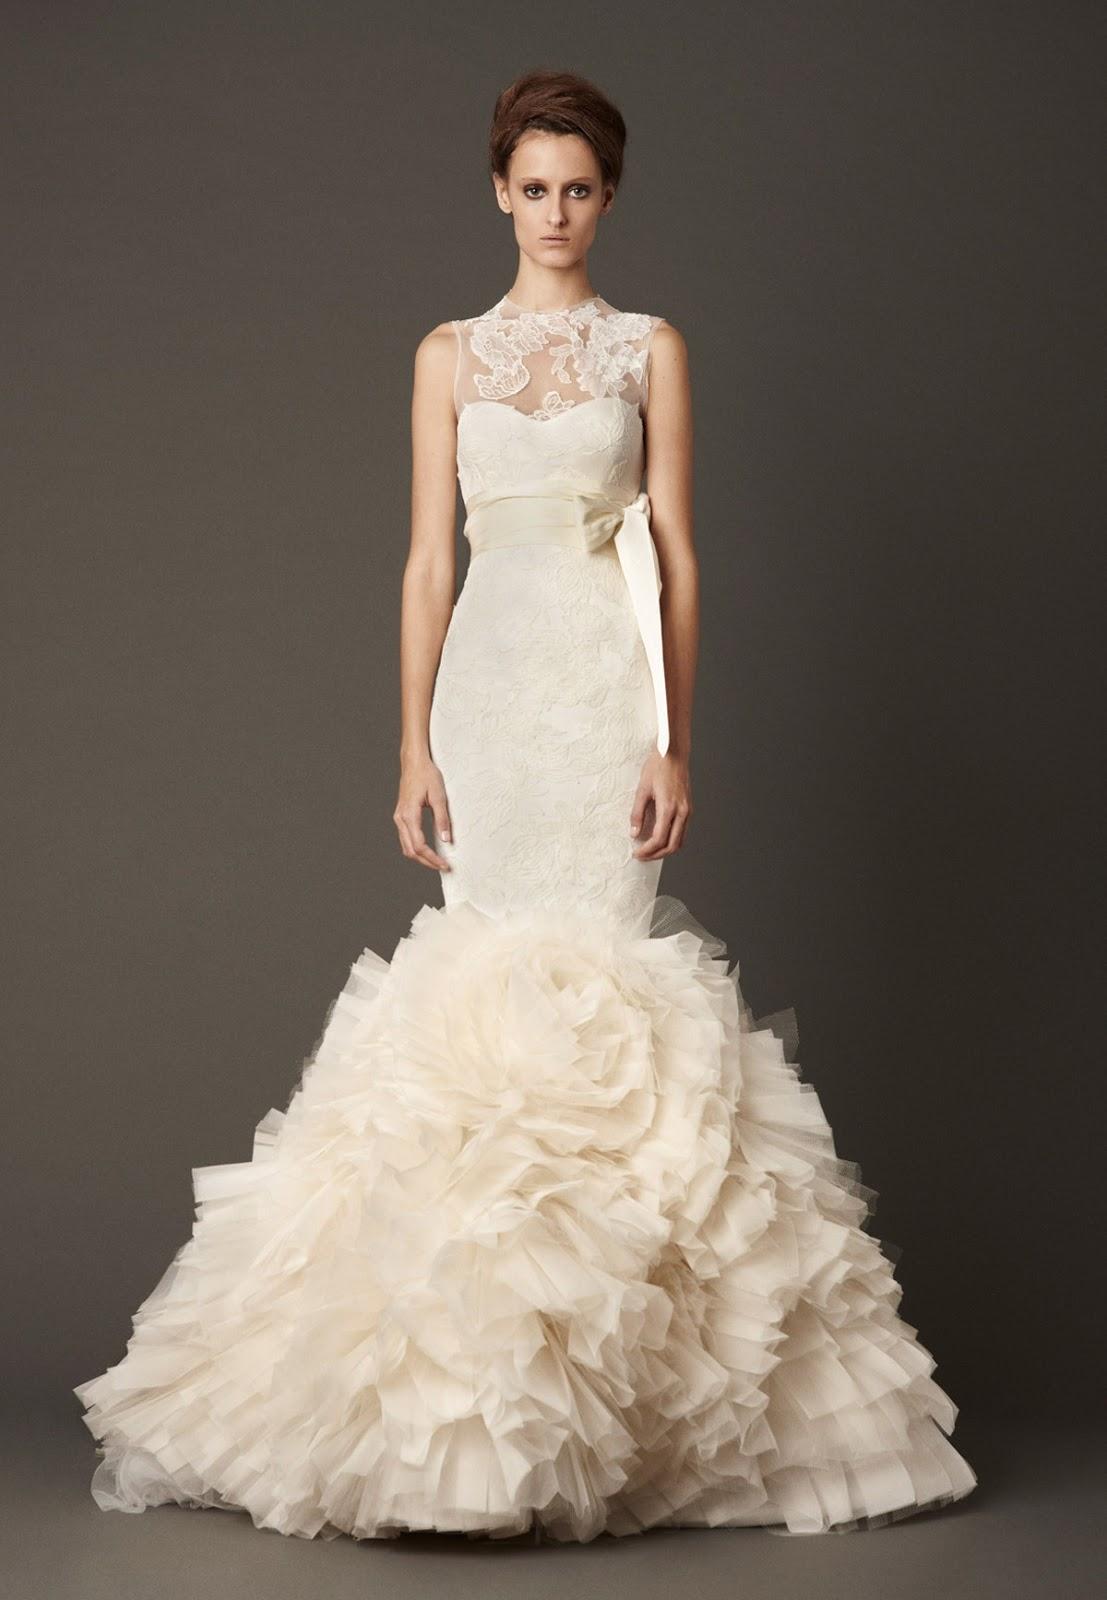 Vera Wang 2013 Fall Bridal Collection - World of Bridal